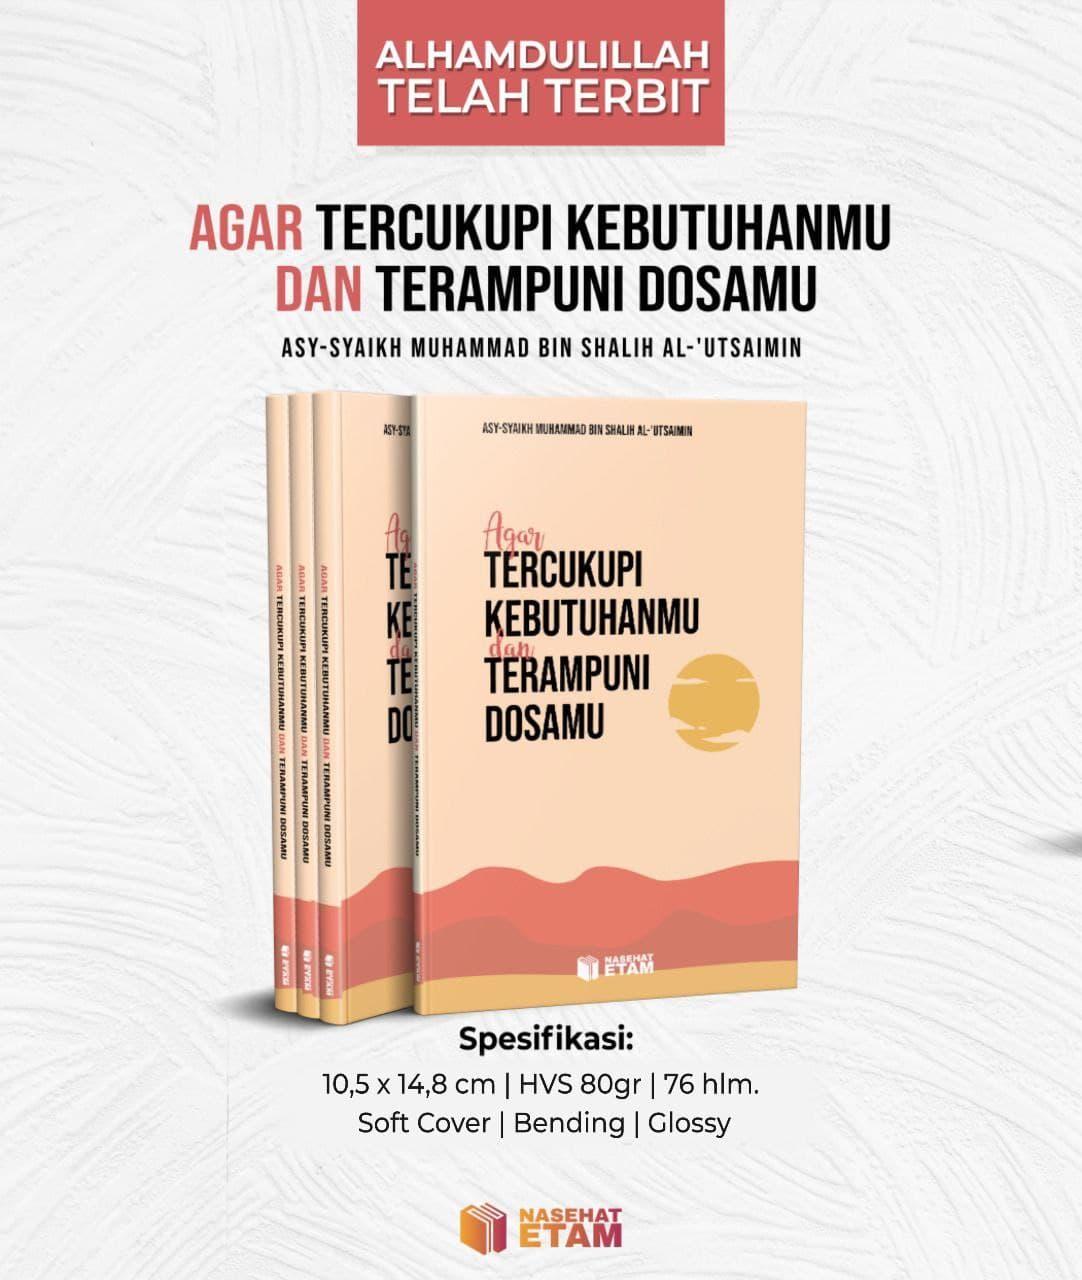 Buku Agar Tercukupi Kebutuhanmu dan Terampuni Dosamu Nasehat Etam